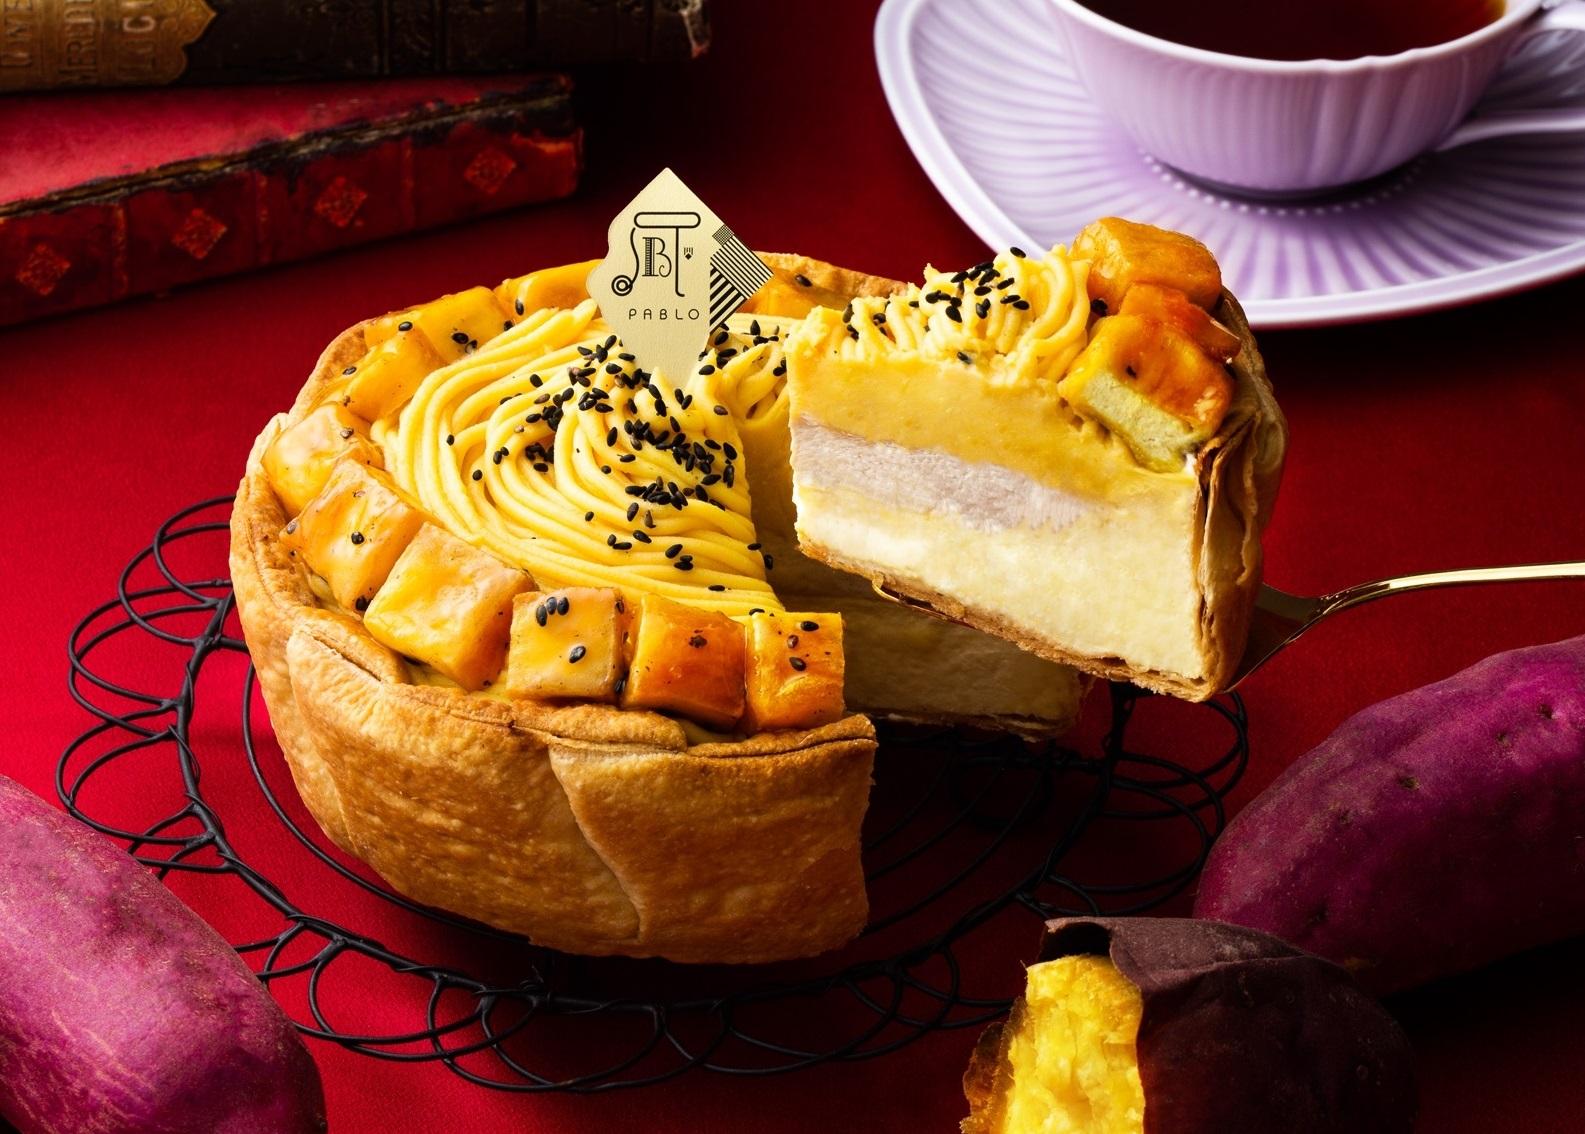 大学芋たっぷり😍🍠PABLOの「安納芋とアールグレイのチーズタルト」🍁